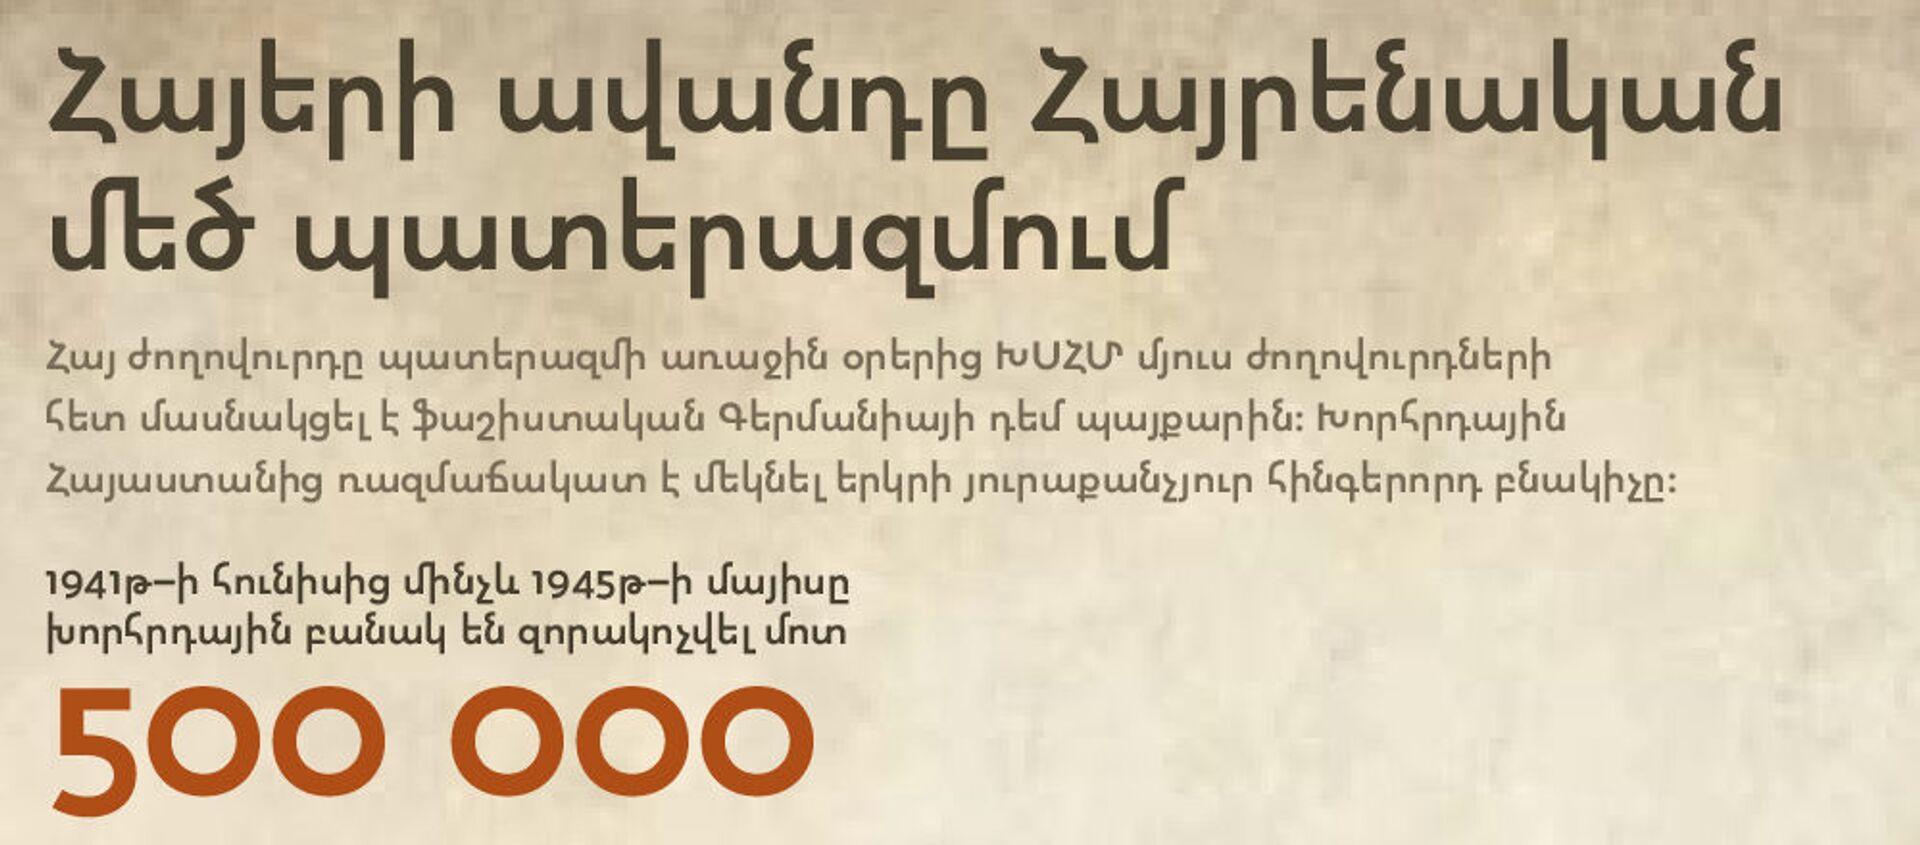 Հայերի ավանդը Հայրենական մեծ պատերազմում - Sputnik Արմենիա, 1920, 09.05.2021